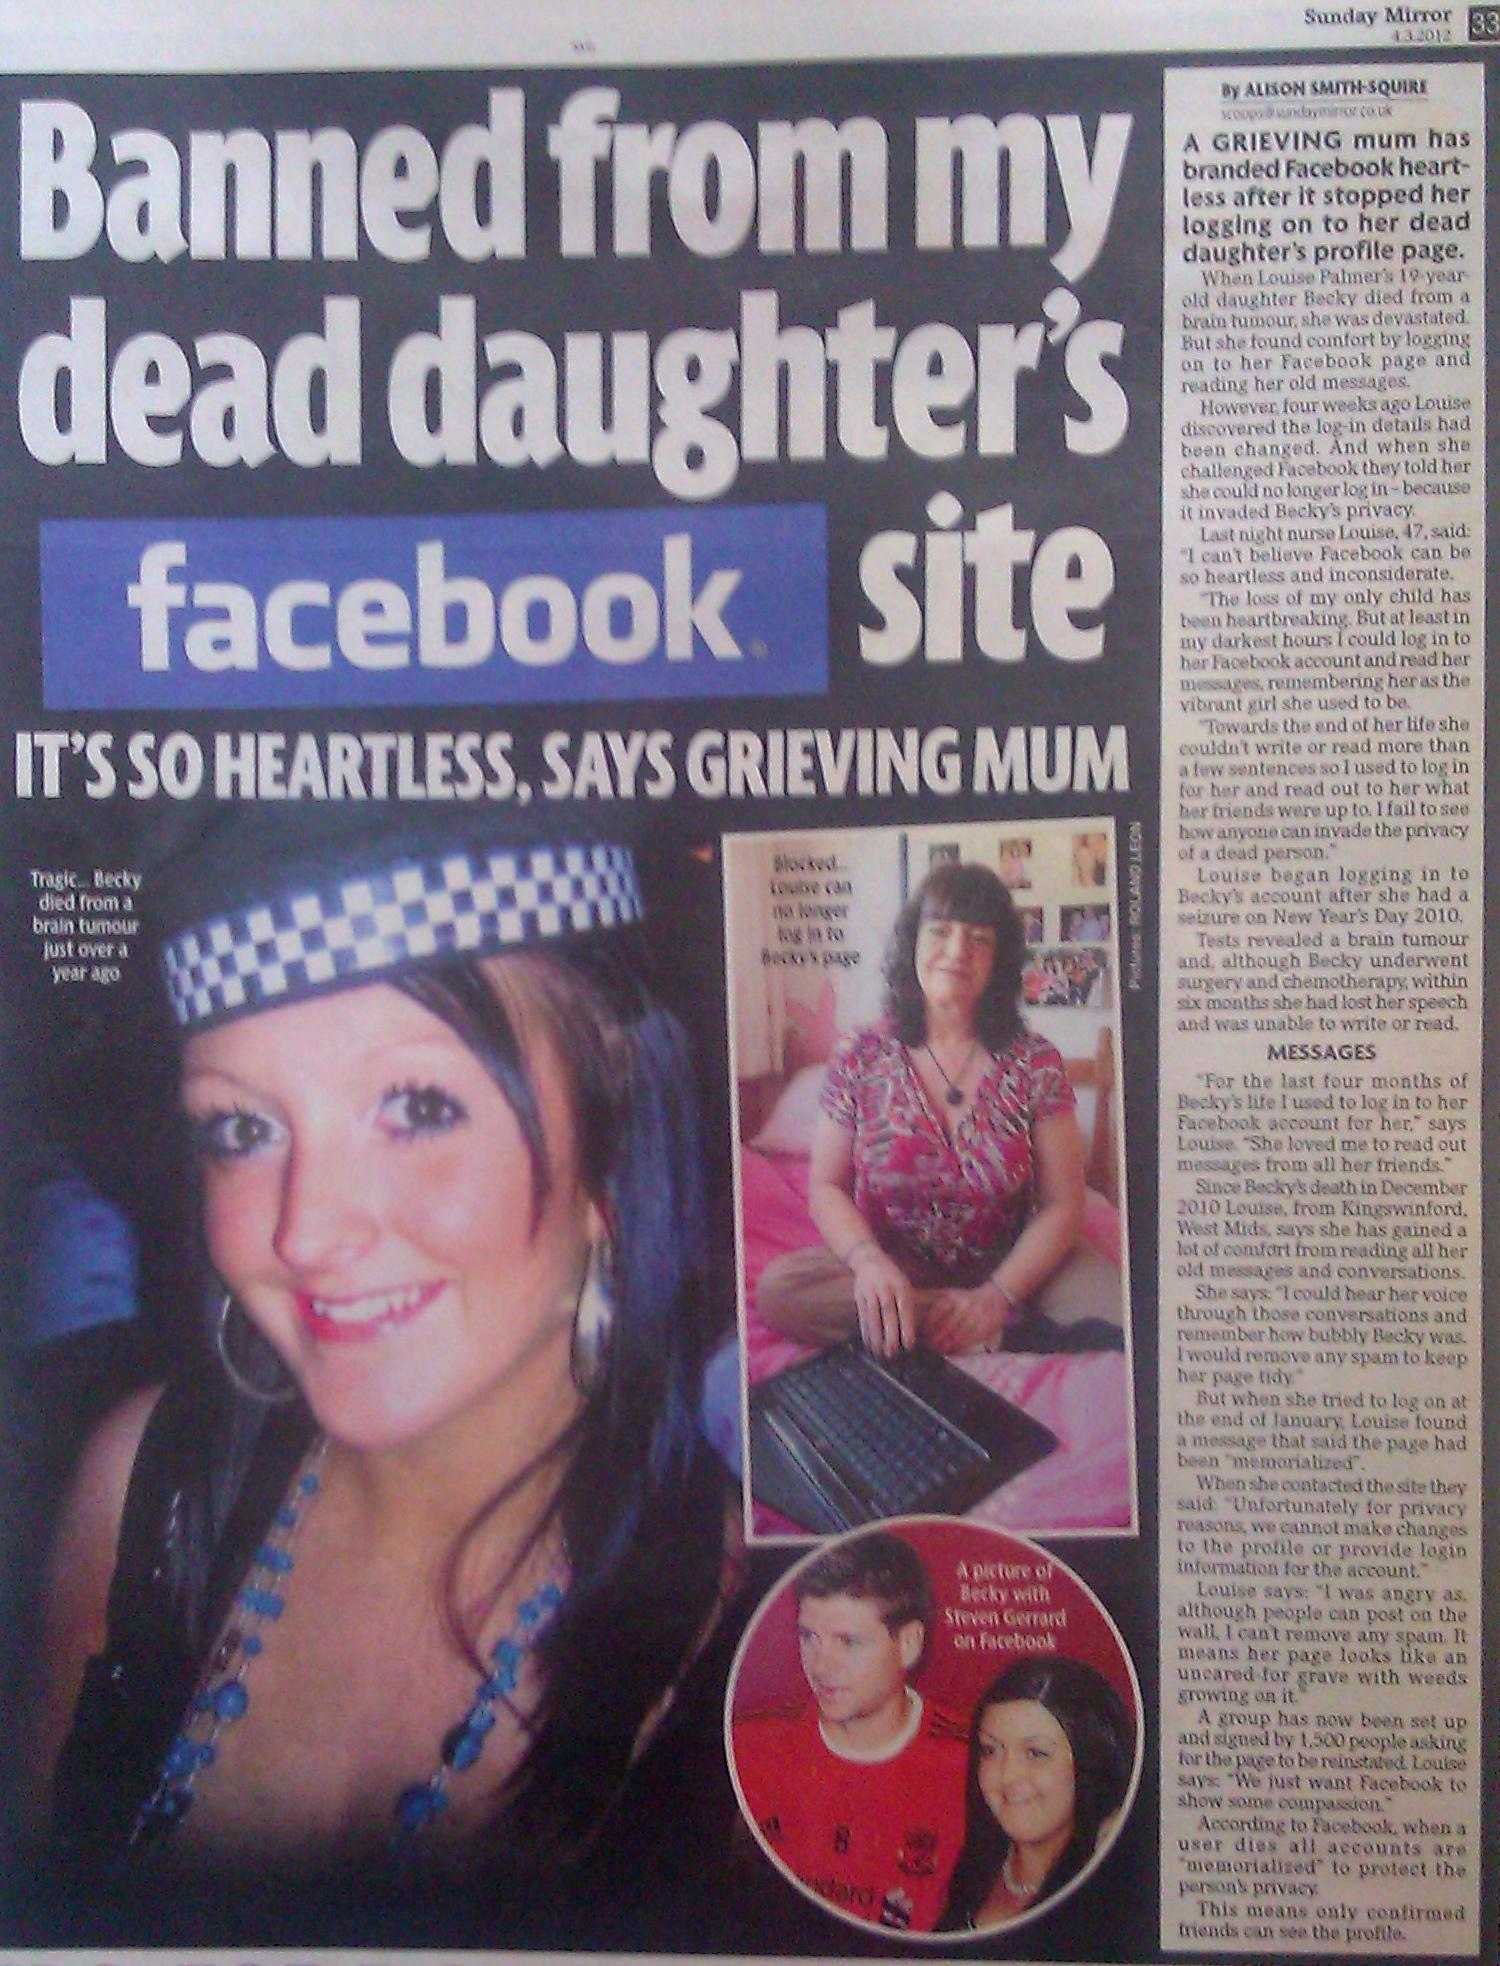 Louise Palmer - mum brands Facebook heartless